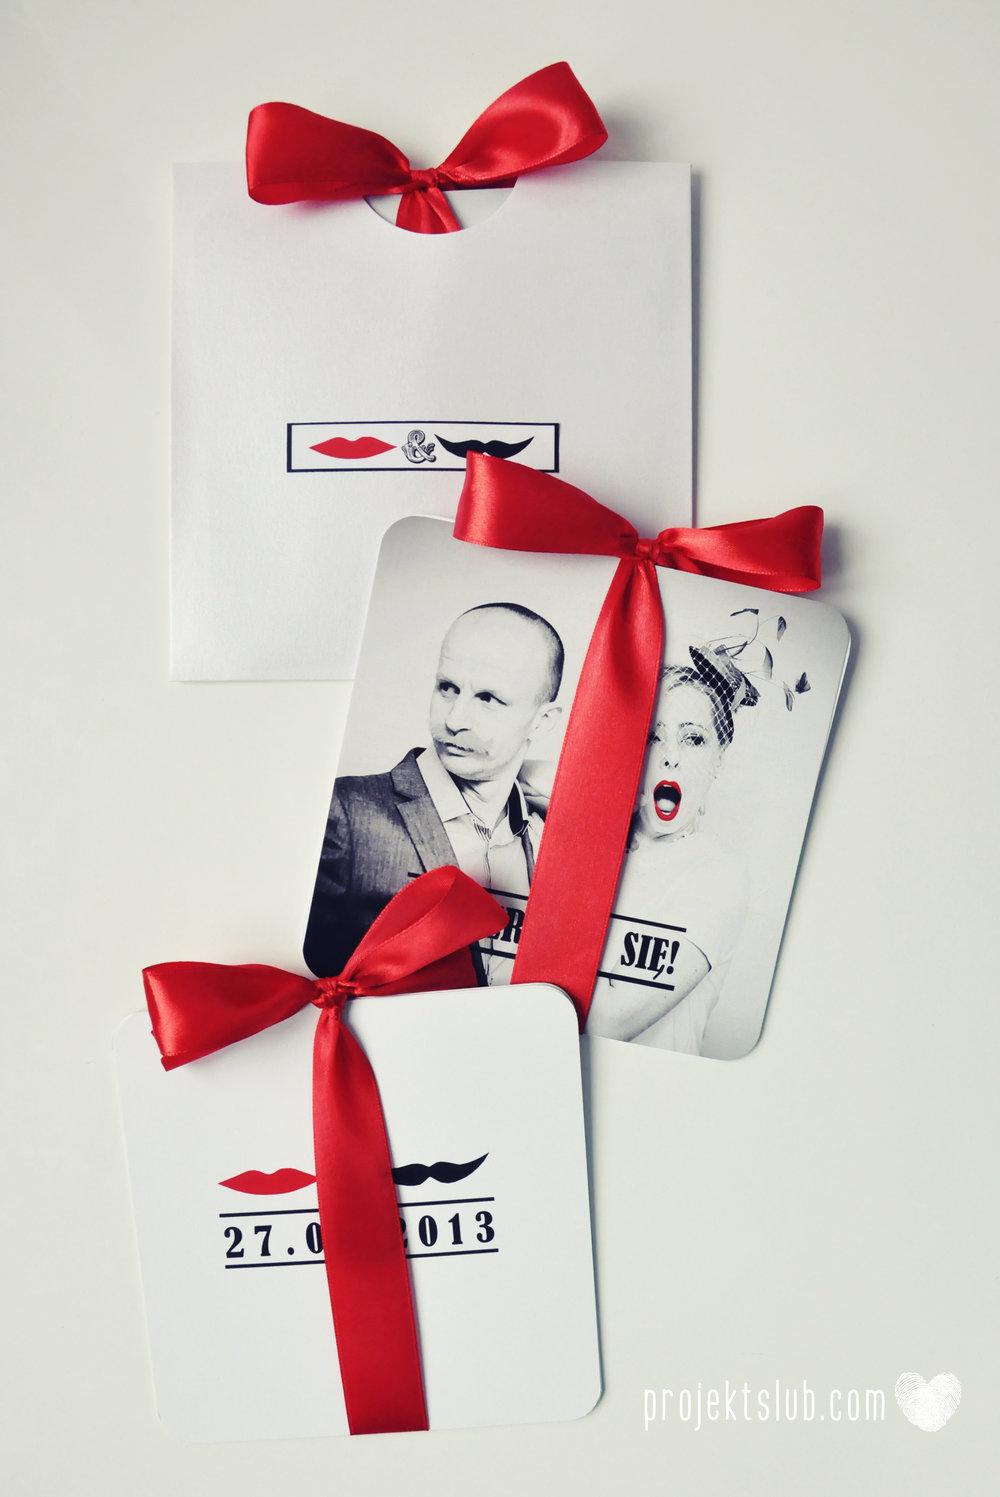 Oryginalne zaproszenia ślubne ze zdjęciem motyw przewodni usta i wąsy czerwona wstążka czarno białe nowoczesne retro projekt ślub (22).JPG